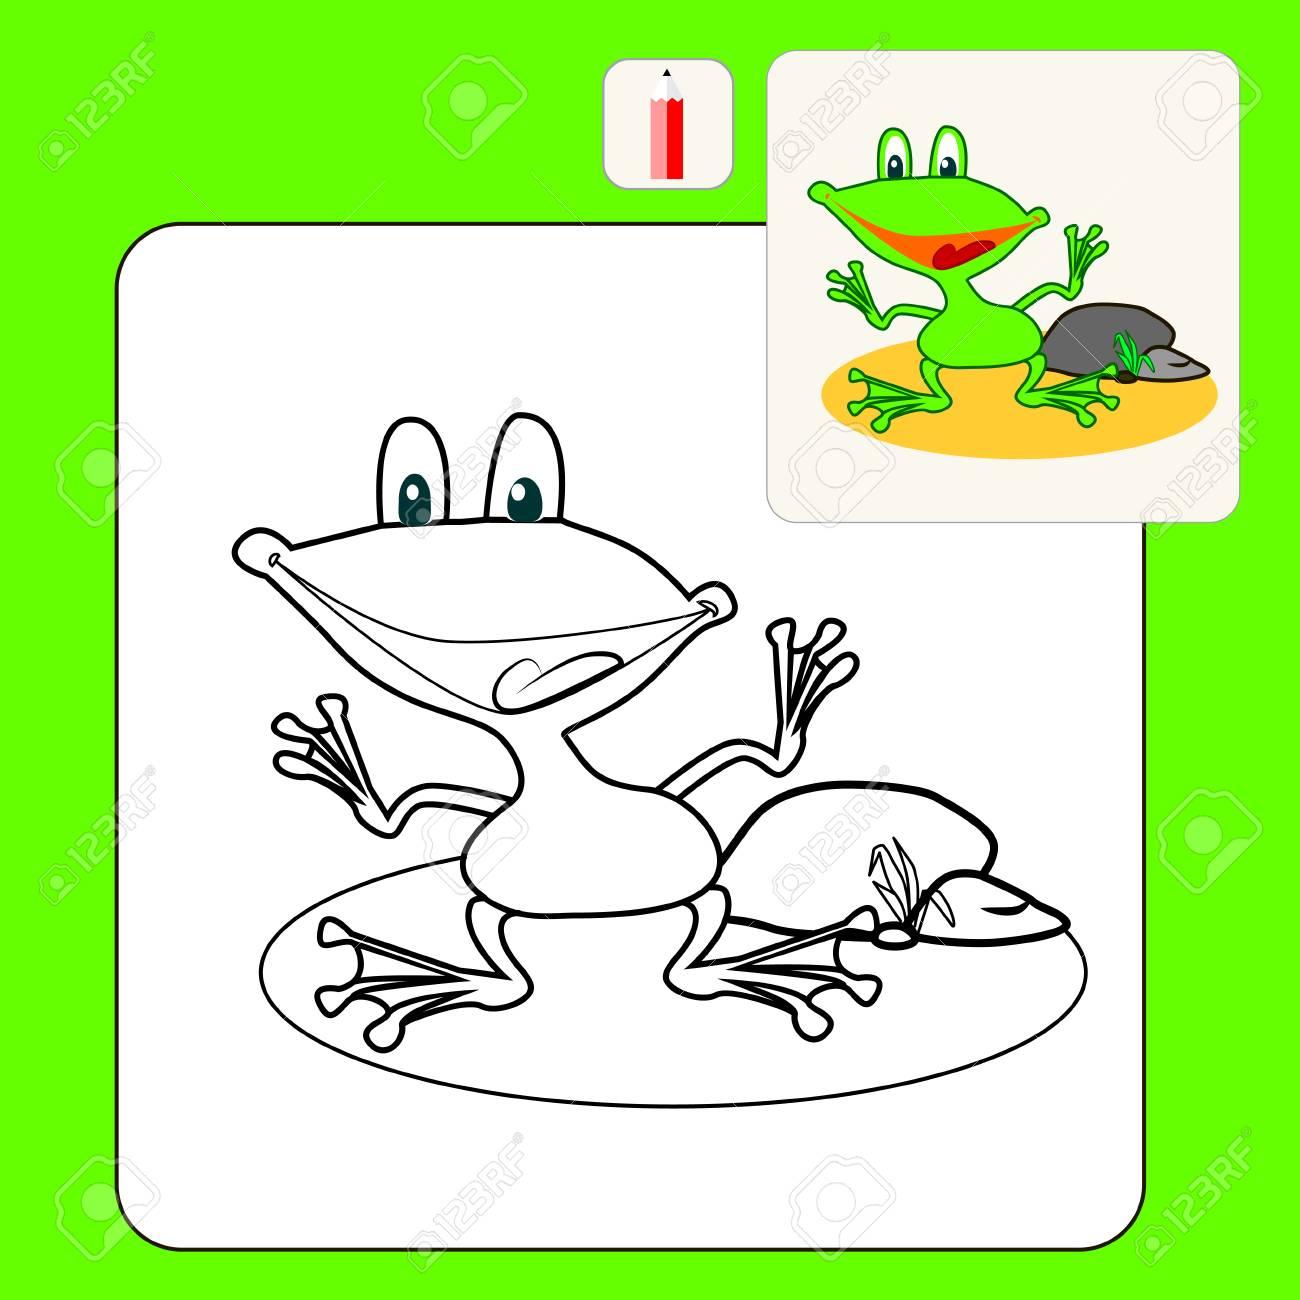 Ziemlich Frosch Farbfolien Zeitgenössisch - Malvorlagen Von Tieren ...